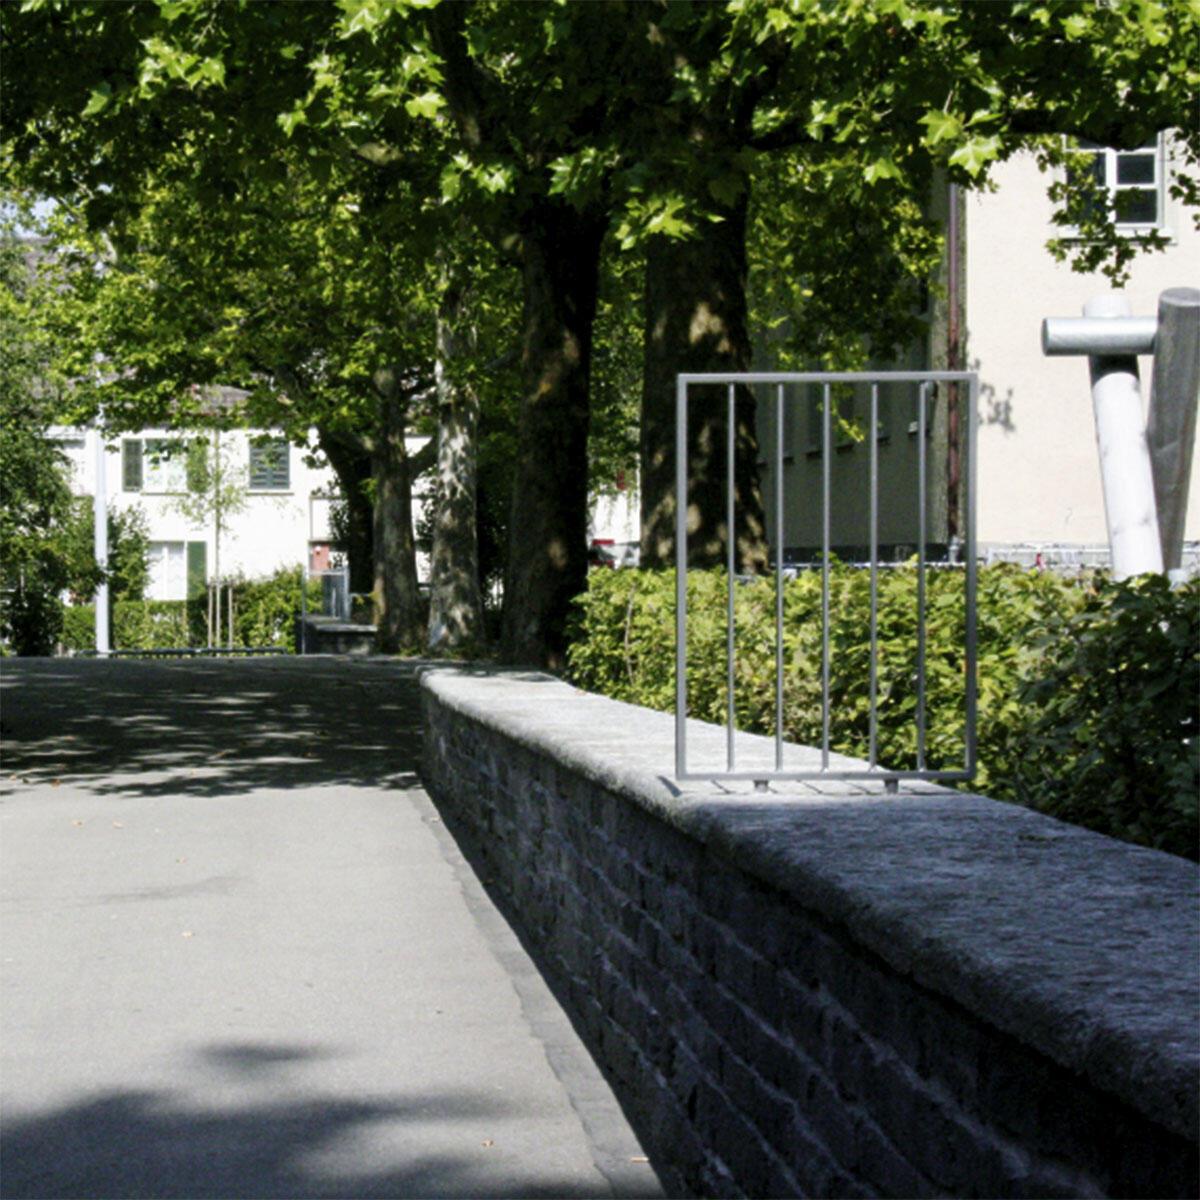 Normierung ad absurdum: Ab einer Höhe von 80 cm müssen Bauteile gemäss der SIA Norm 358 «Geländer und Brüstungen» gegen die Gefahr eines Absturzes gesichert werden; beim Schulhaus Milchbuck in Zürich gilt dies auch für eine Stützmauer, die als Sitzgelegenheit vor gut 80 Jahren entworfen, entlang eines abfallenden Wegs immer höher wird.